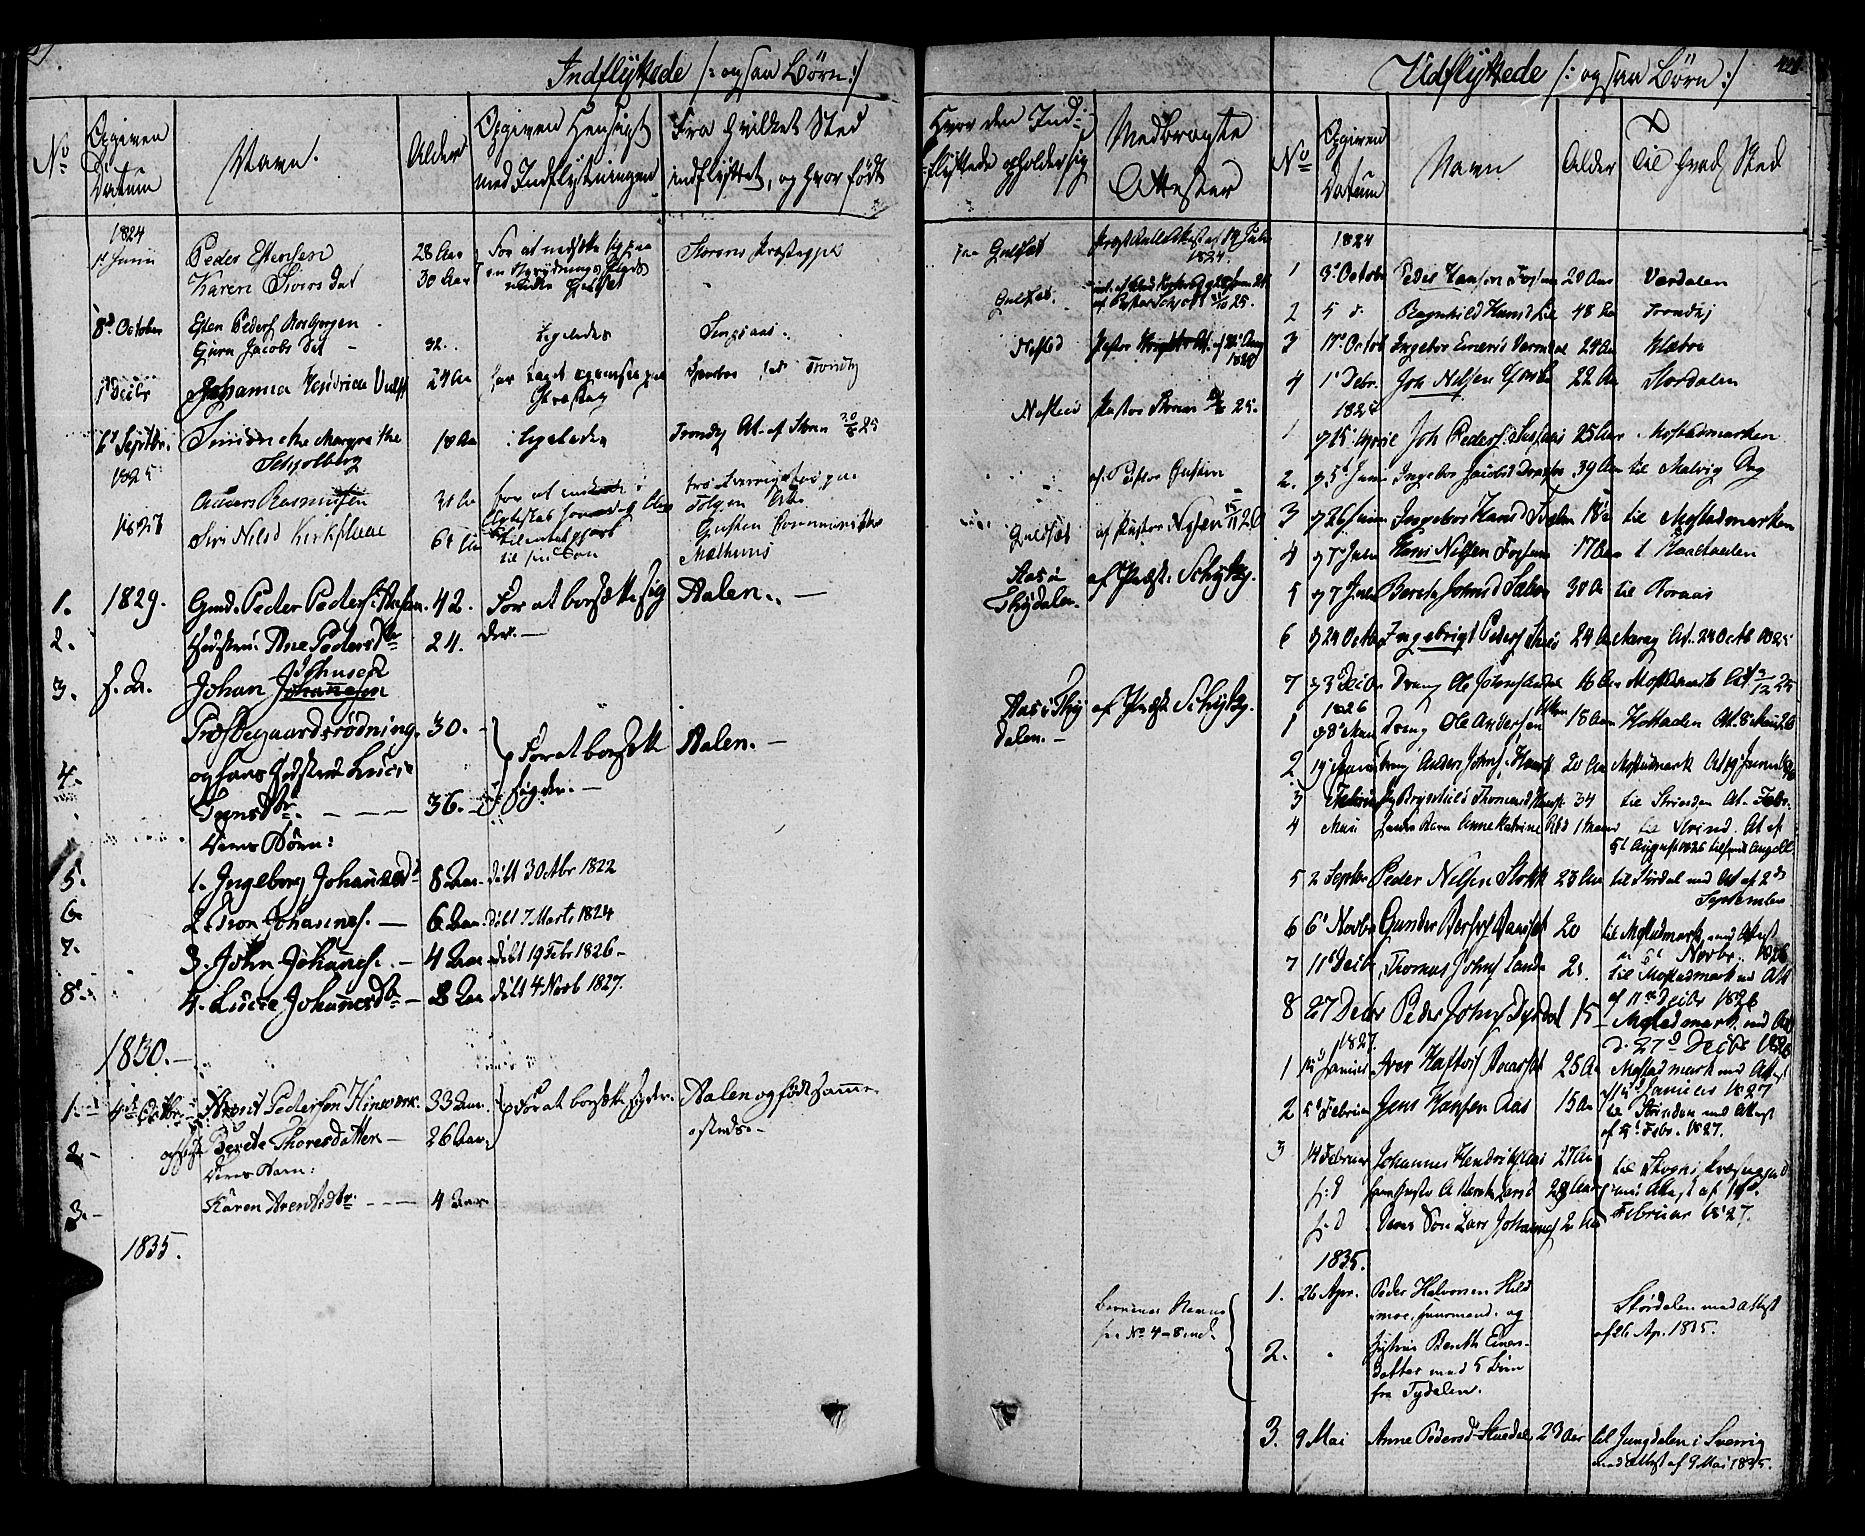 SAT, Ministerialprotokoller, klokkerbøker og fødselsregistre - Sør-Trøndelag, 695/L1143: Ministerialbok nr. 695A05 /1, 1824-1842, s. 421